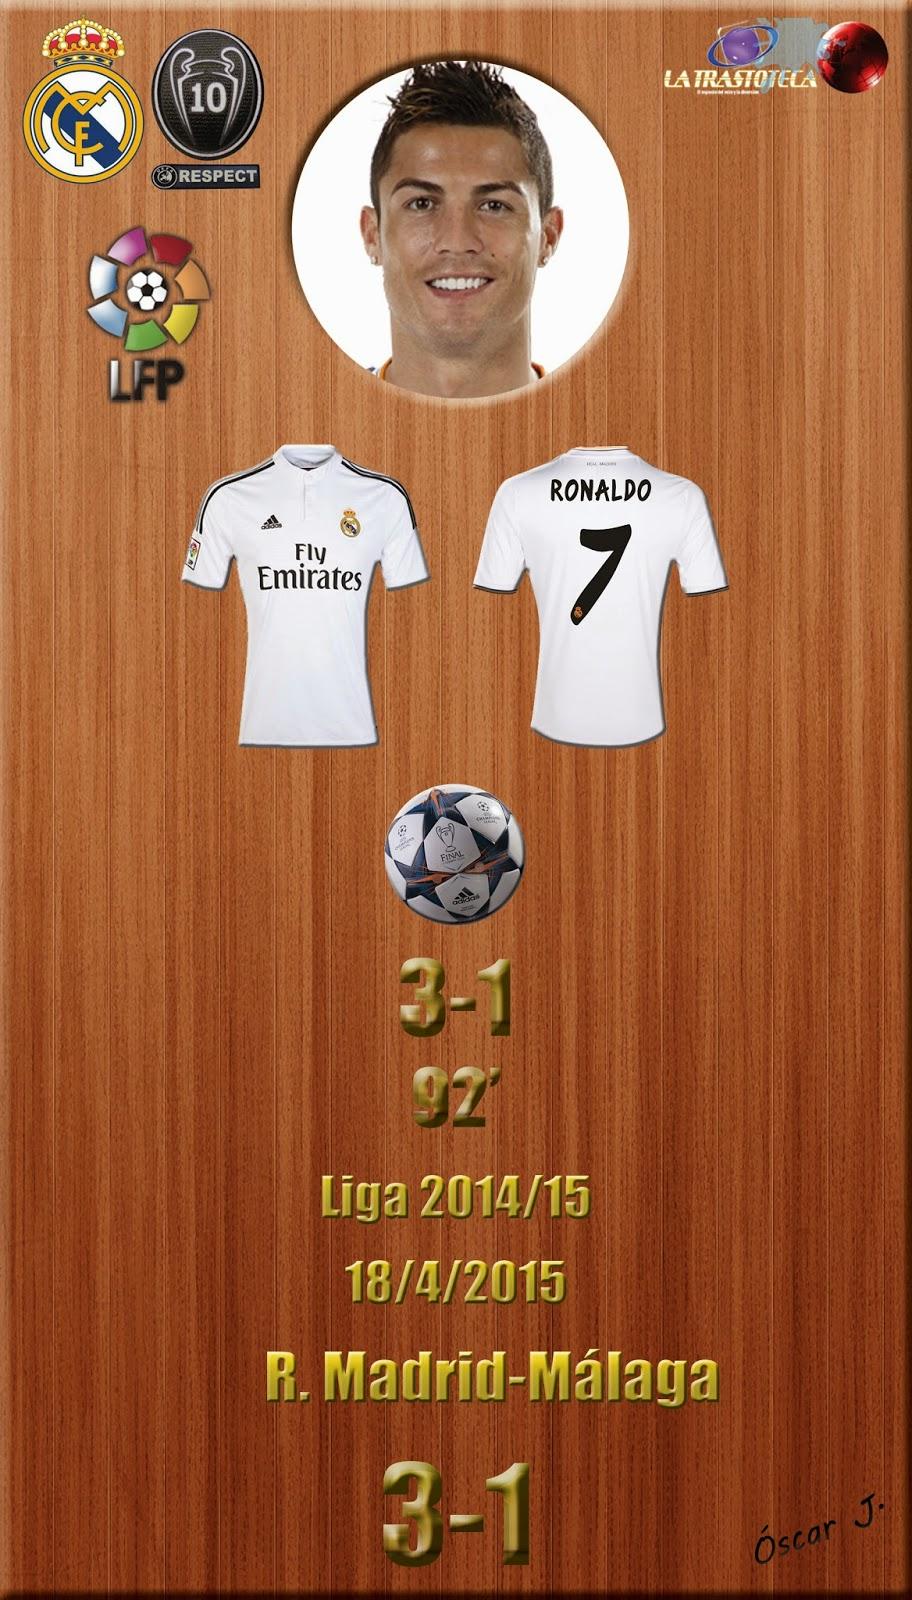 Cristiano Ronaldo (3-1) - Real Madrid 3-1 Málaga - Liga 2014/15 - Jornada 32 - (18/4/2015)